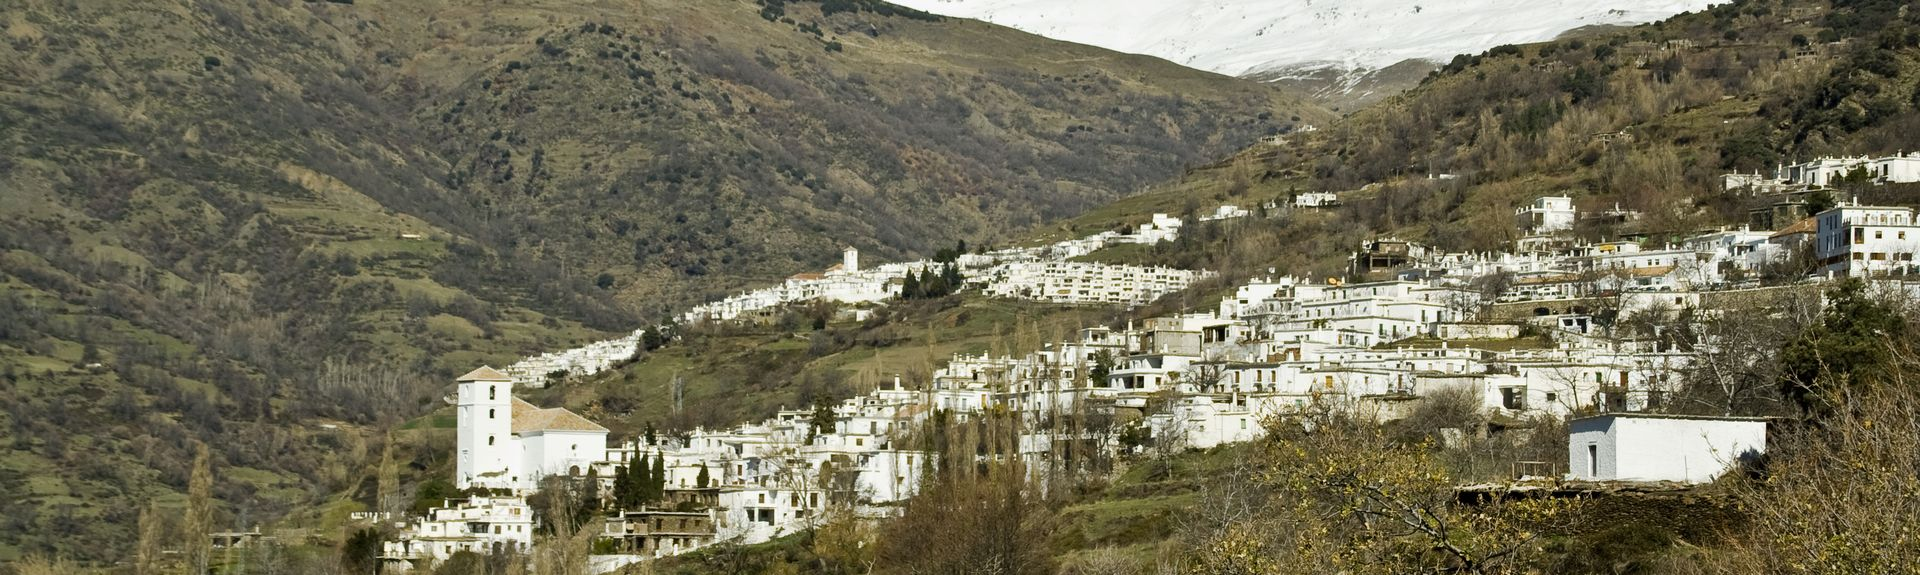 Centro-Sagrario, Granada, Andalucía, España